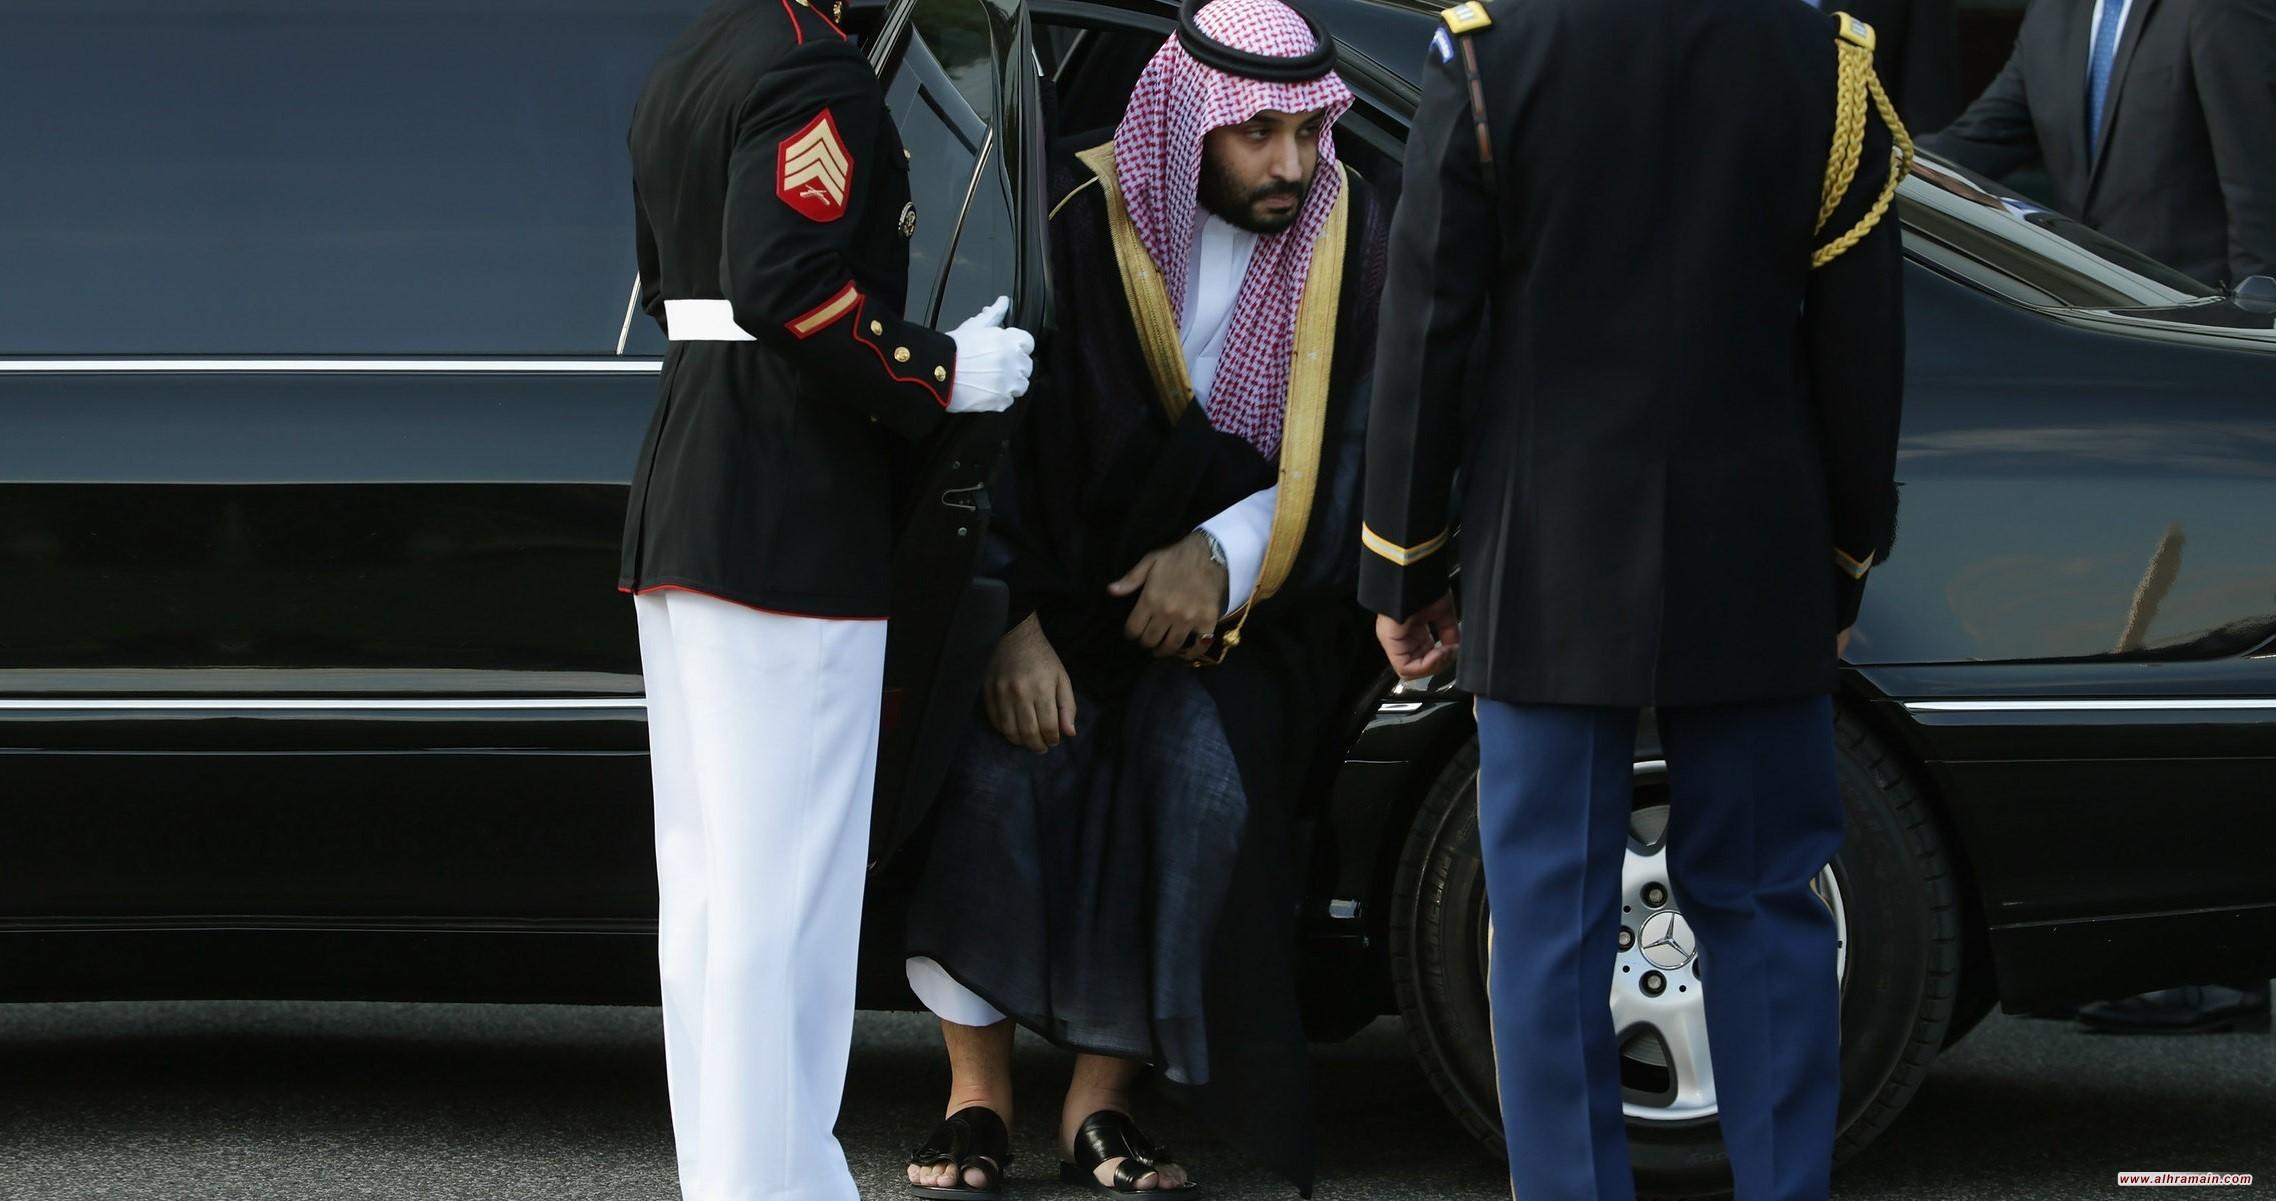 ناشيونال إنترست: كربلاء ثانية .. محمد بن سلمان وريث يزيد بن معاوية!